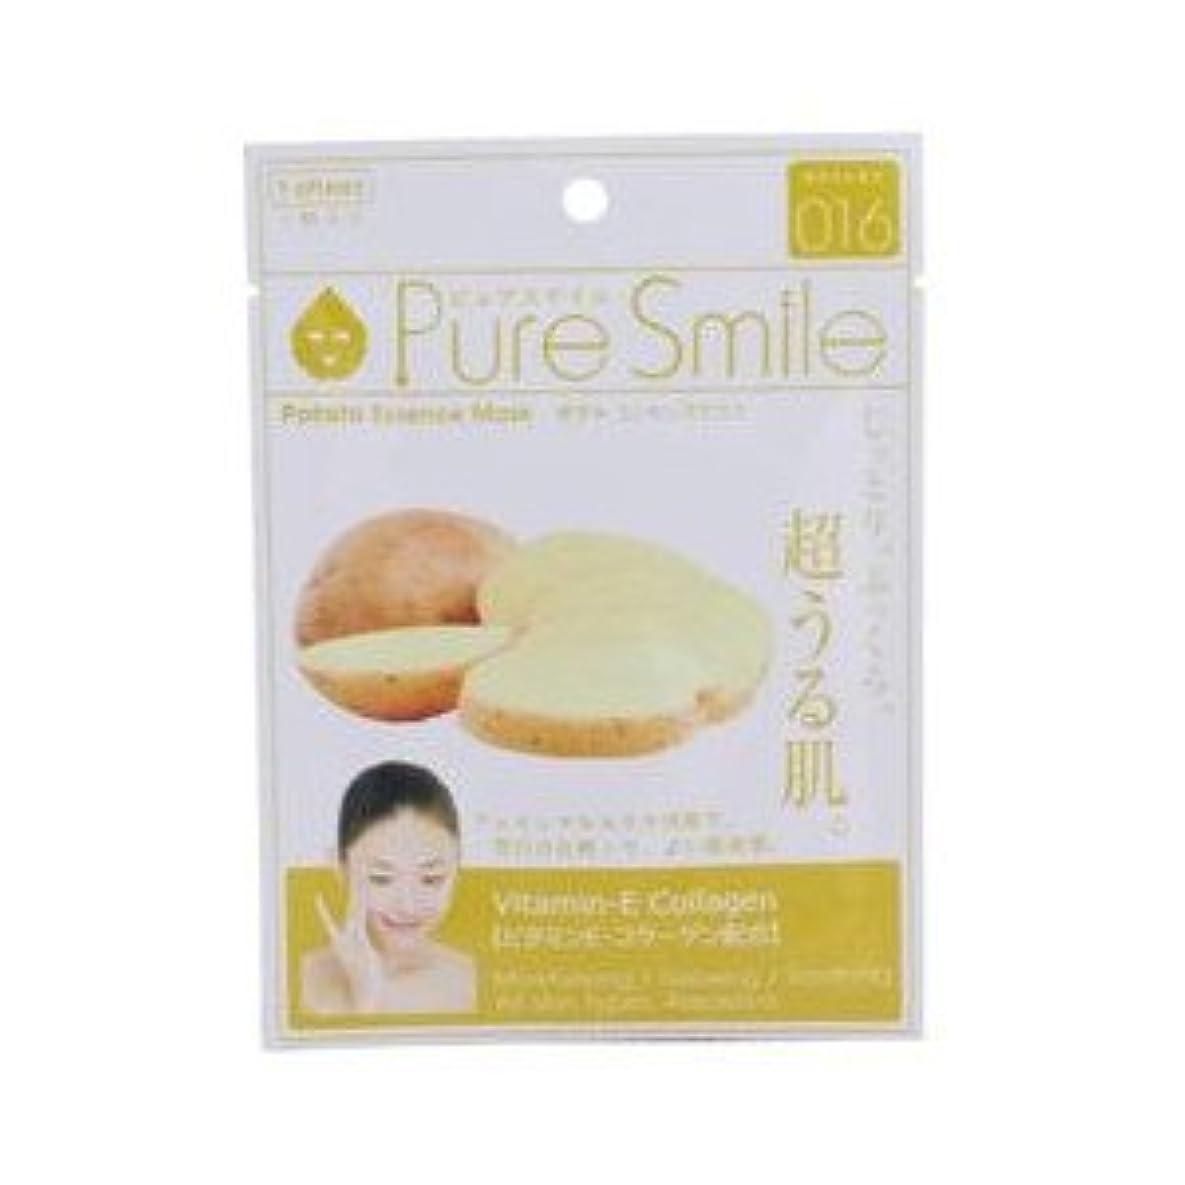 信号予知調整ピュアスマイル 【Pure smile】 ポテト 30枚セット